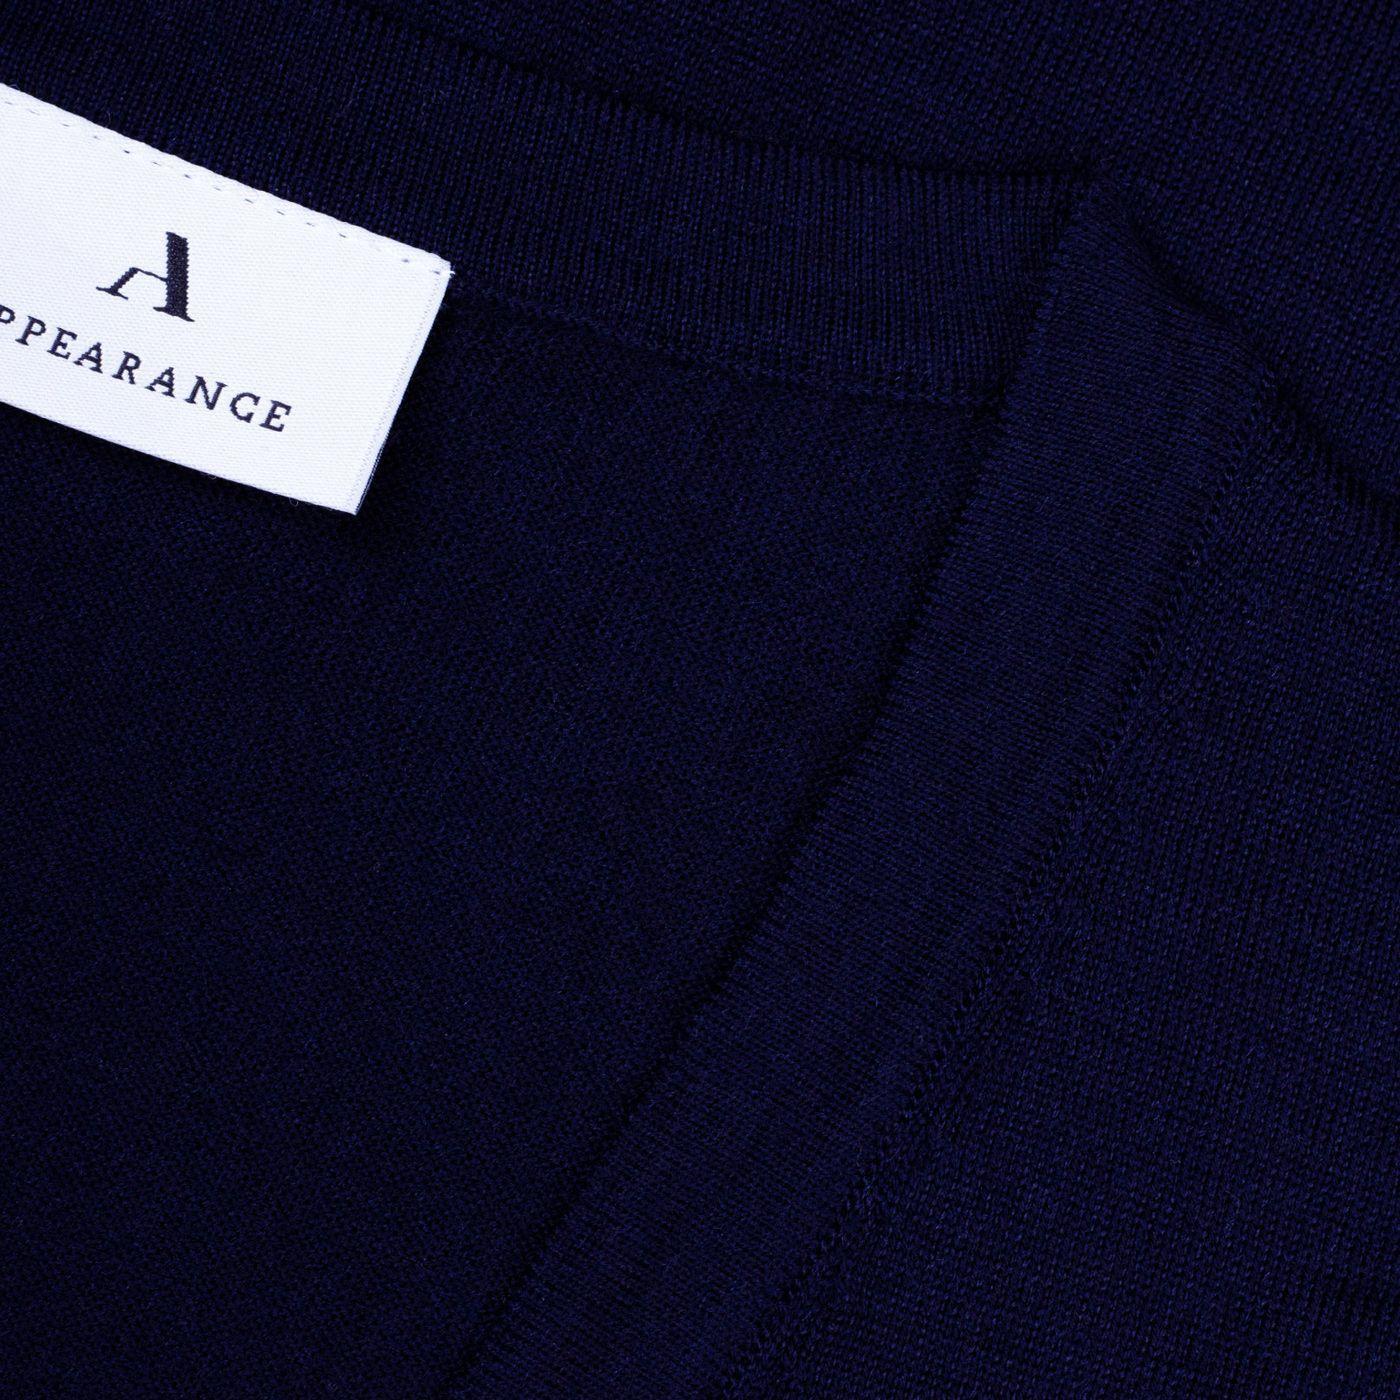 Dark Navy Merino Wool Slipover | Bombinate